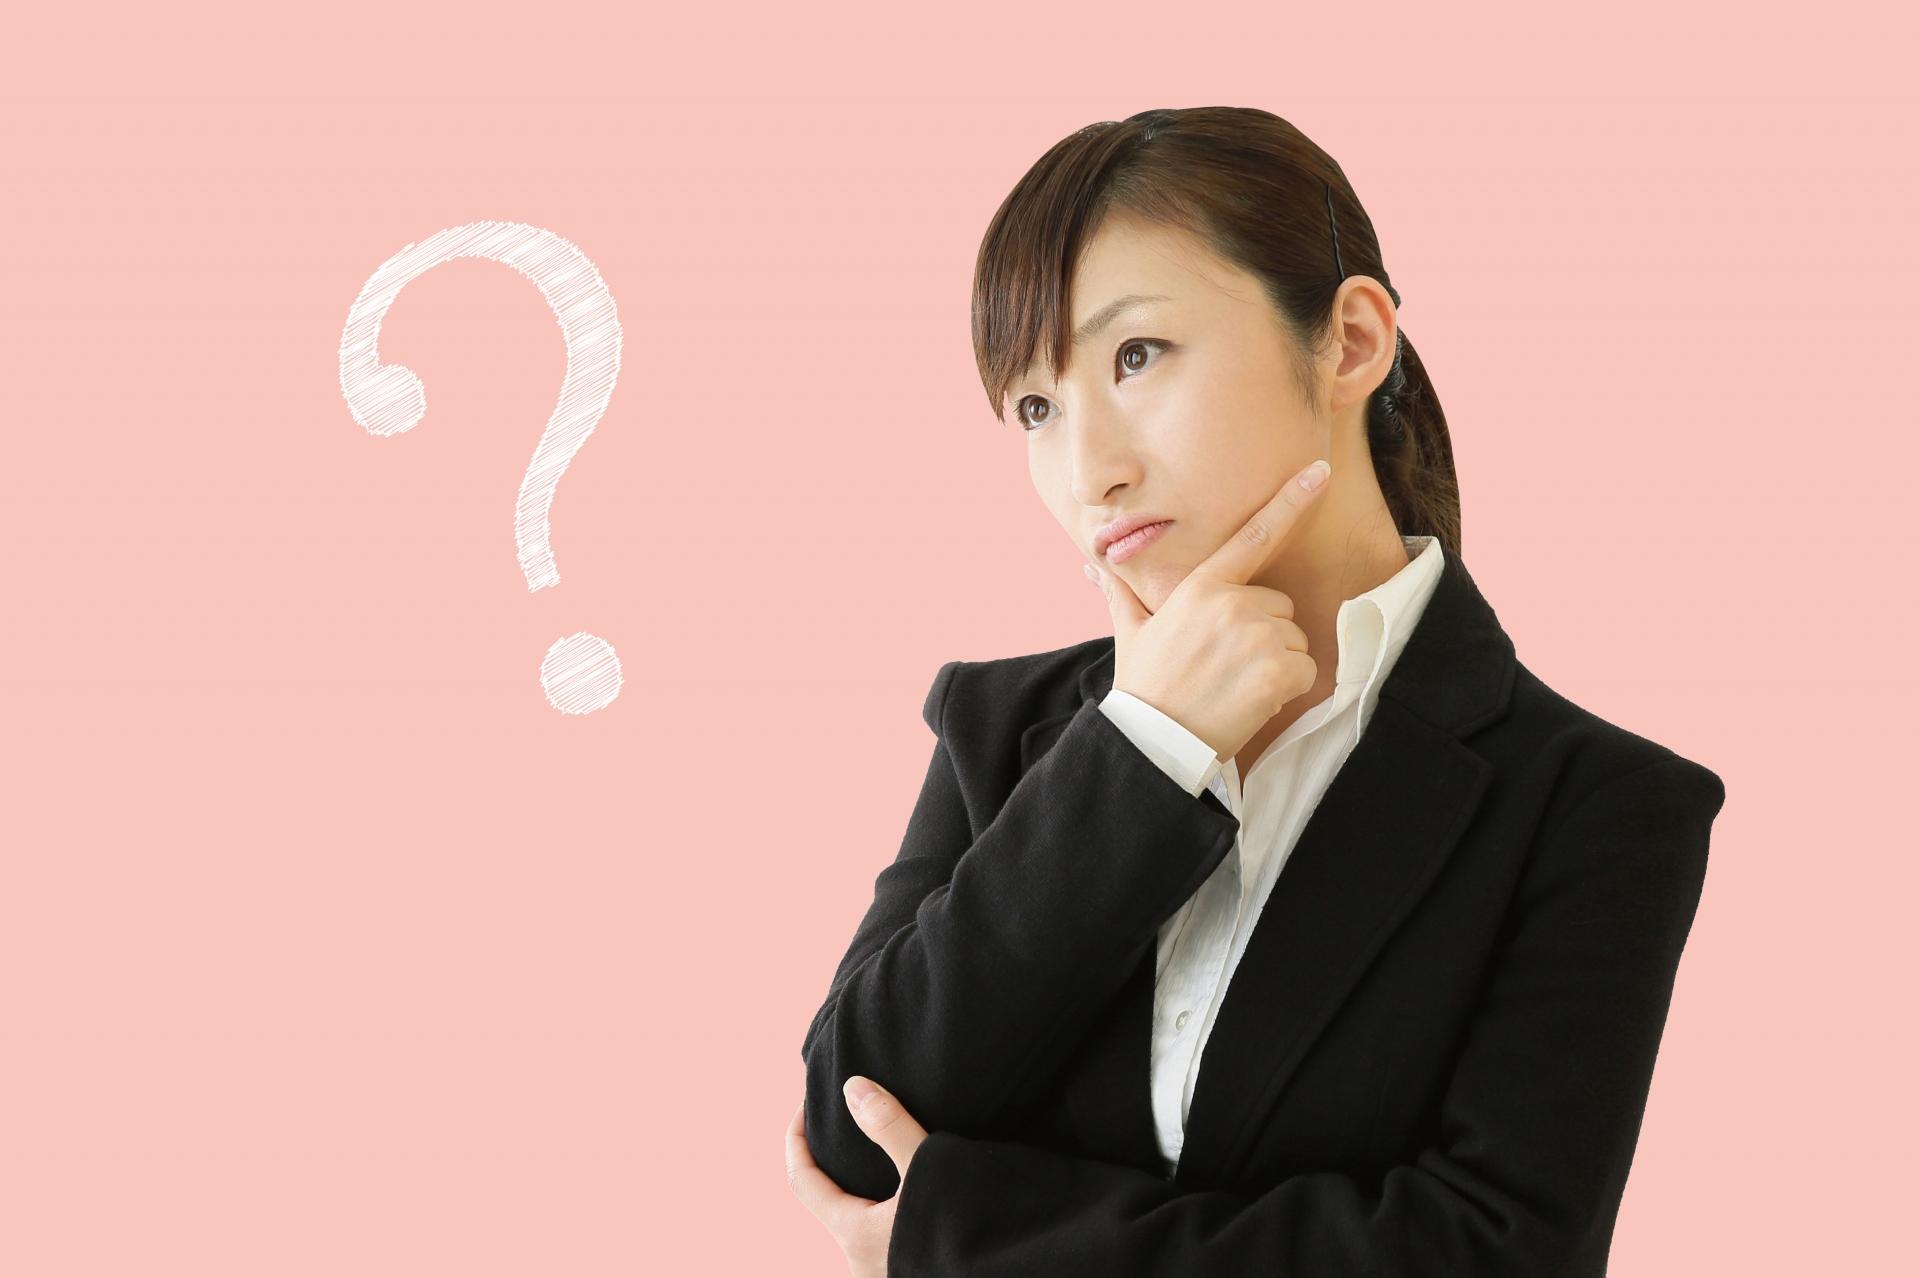 結局、就活開始時期はいつに設定すればいいのか?